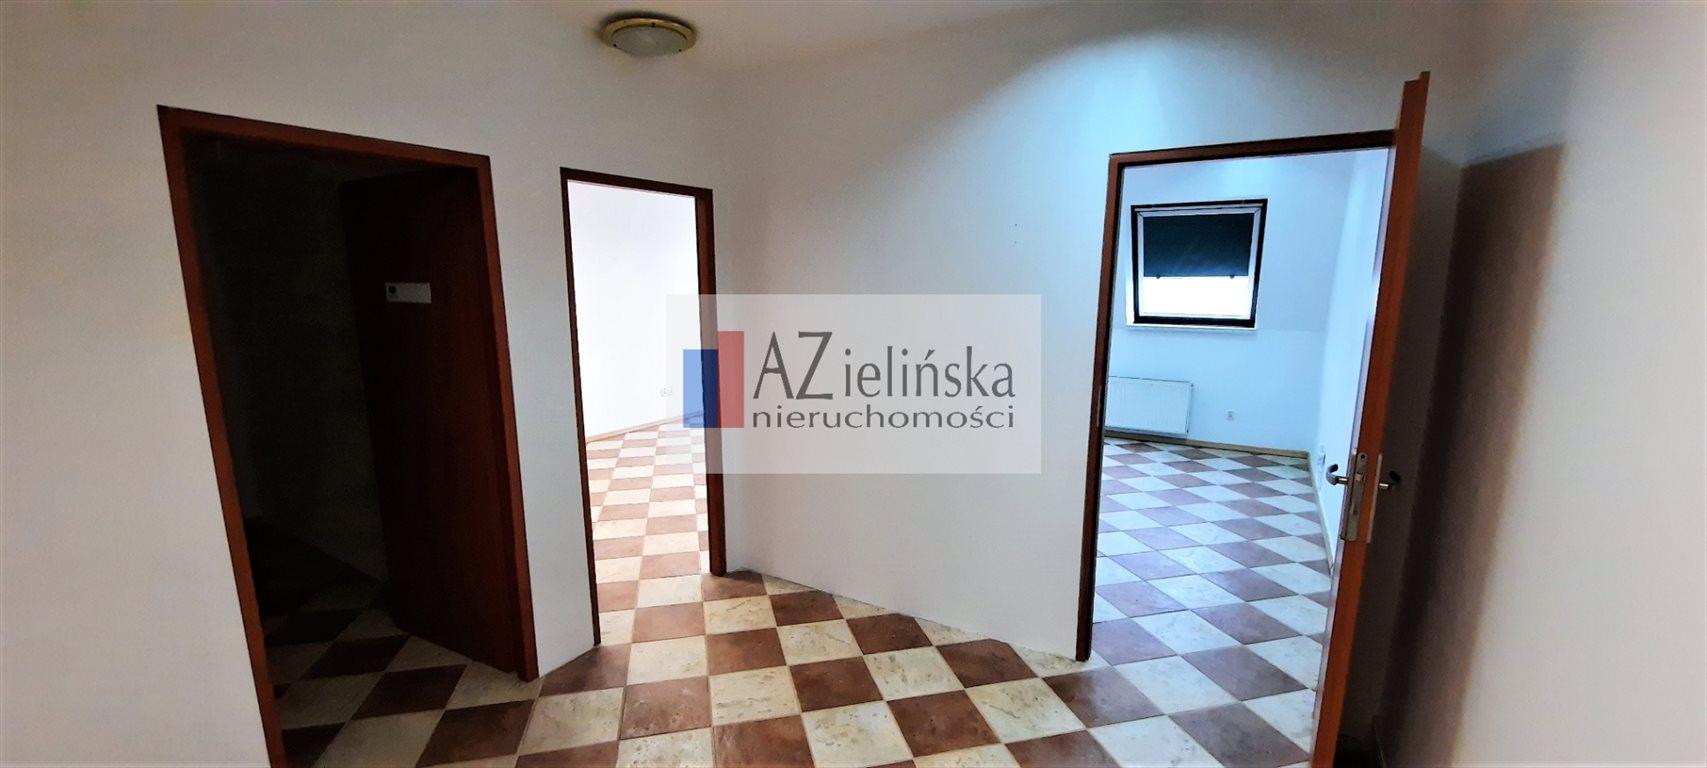 Mieszkanie dwupokojowe na wynajem Suchy Las, Obornicka  58m2 Foto 7